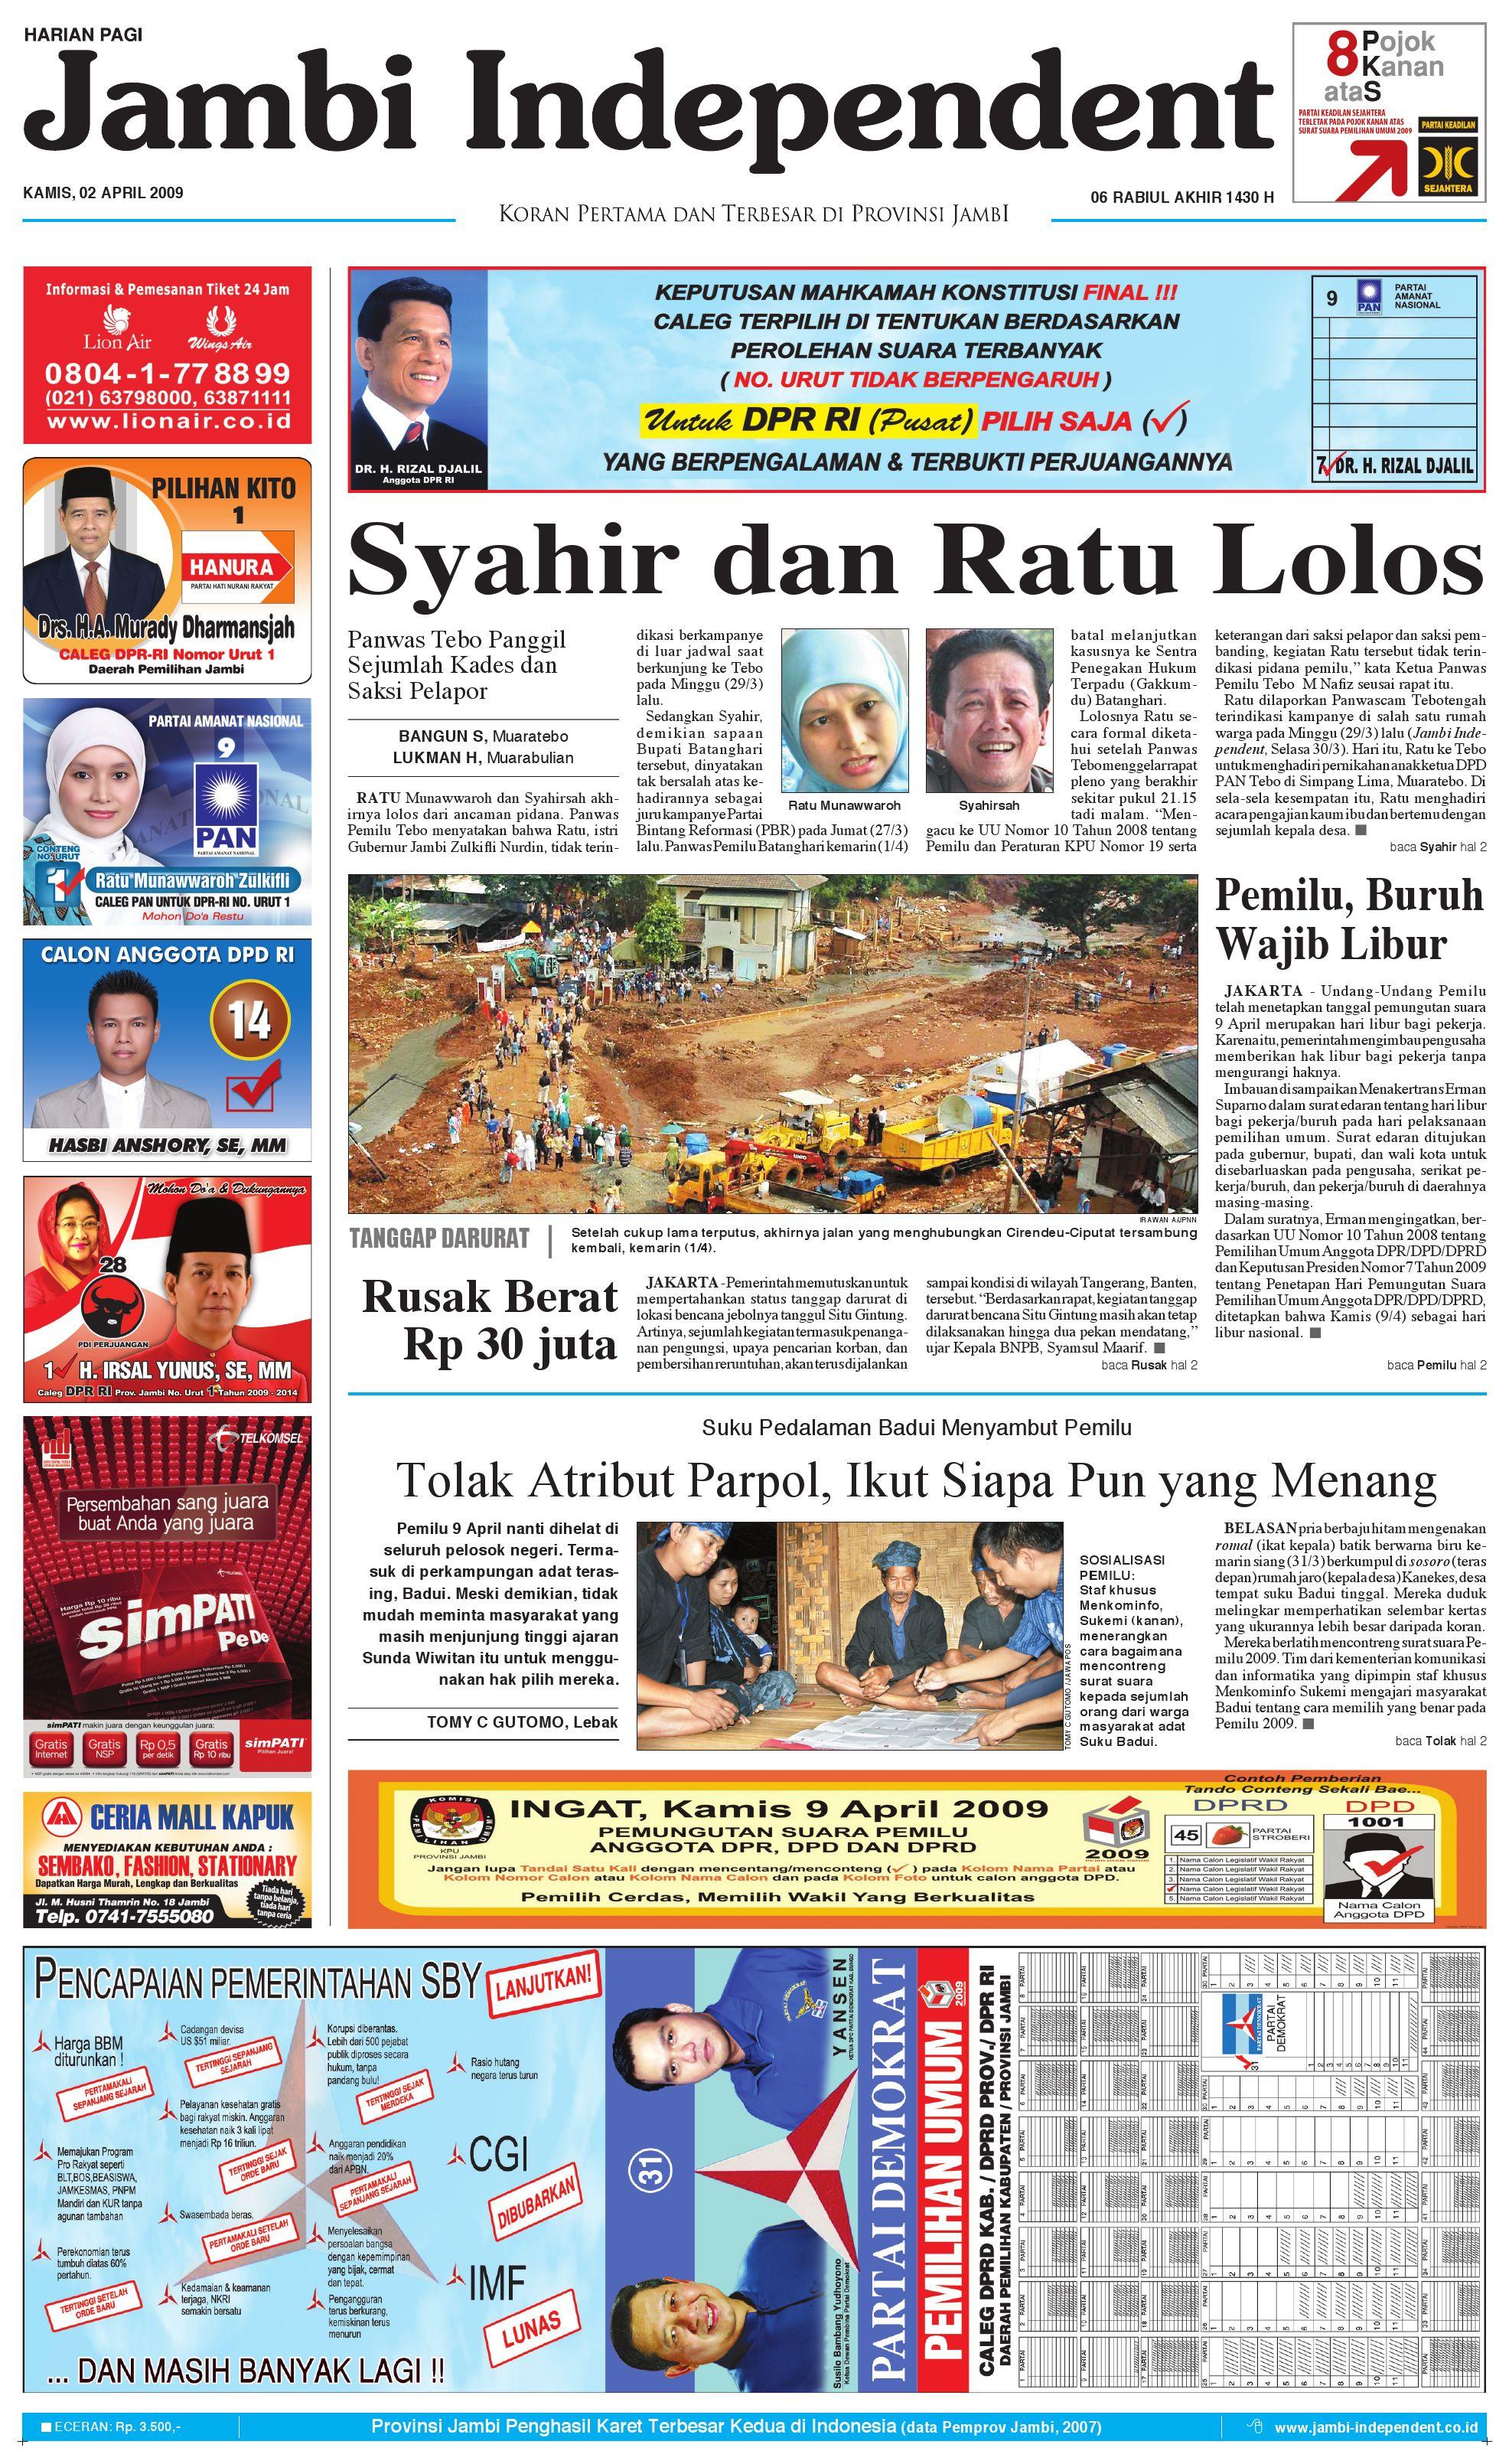 Jambi Independent Edisi 02 April 2009 By Issuu Kopi Bubuk Asli Pagar Alam Butik 3 Size Plg